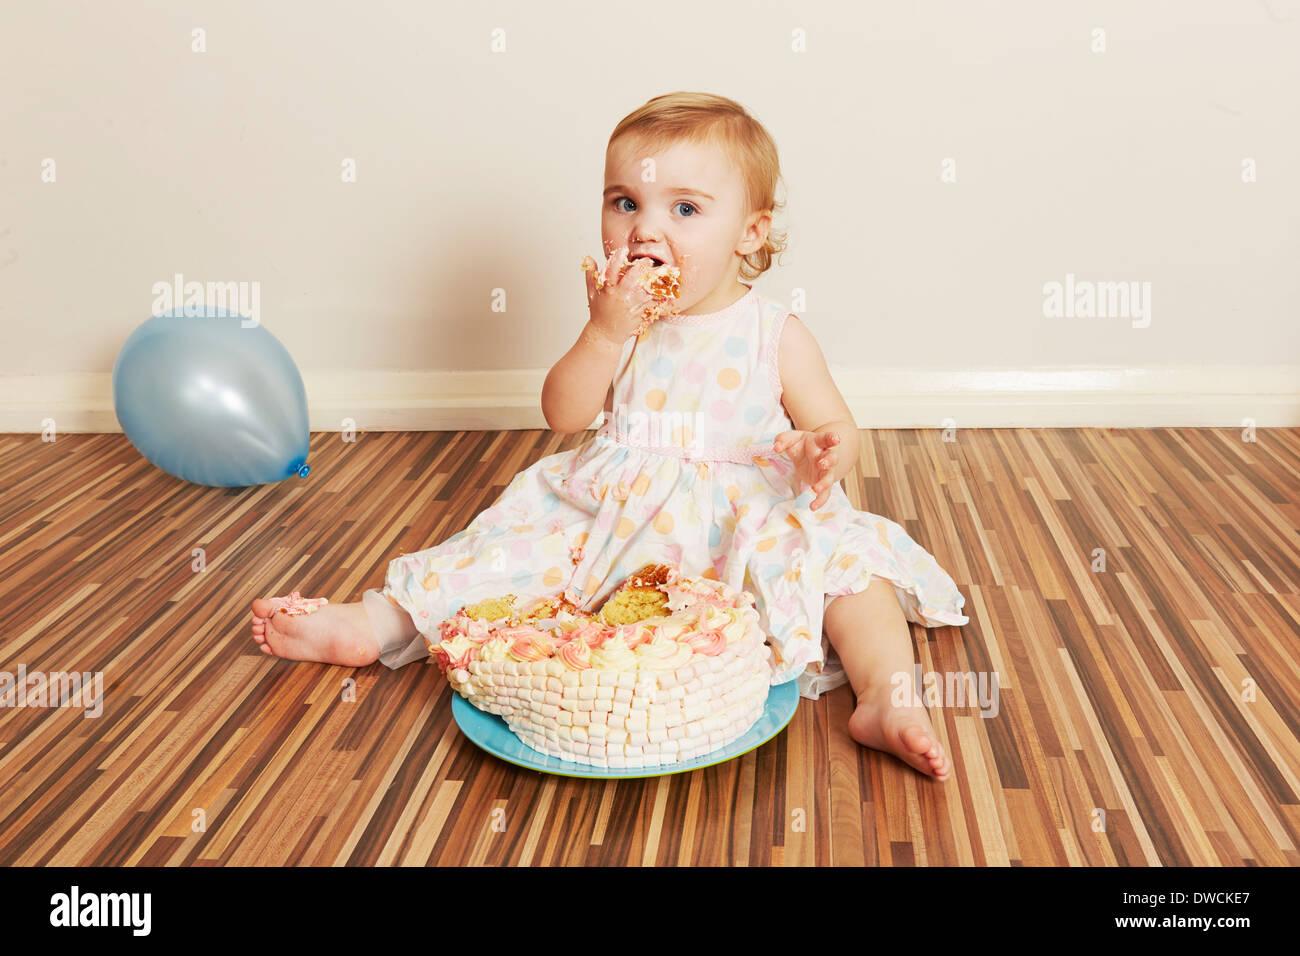 Bébé fille de dévorer le gâteau d'anniversaire Photo Stock